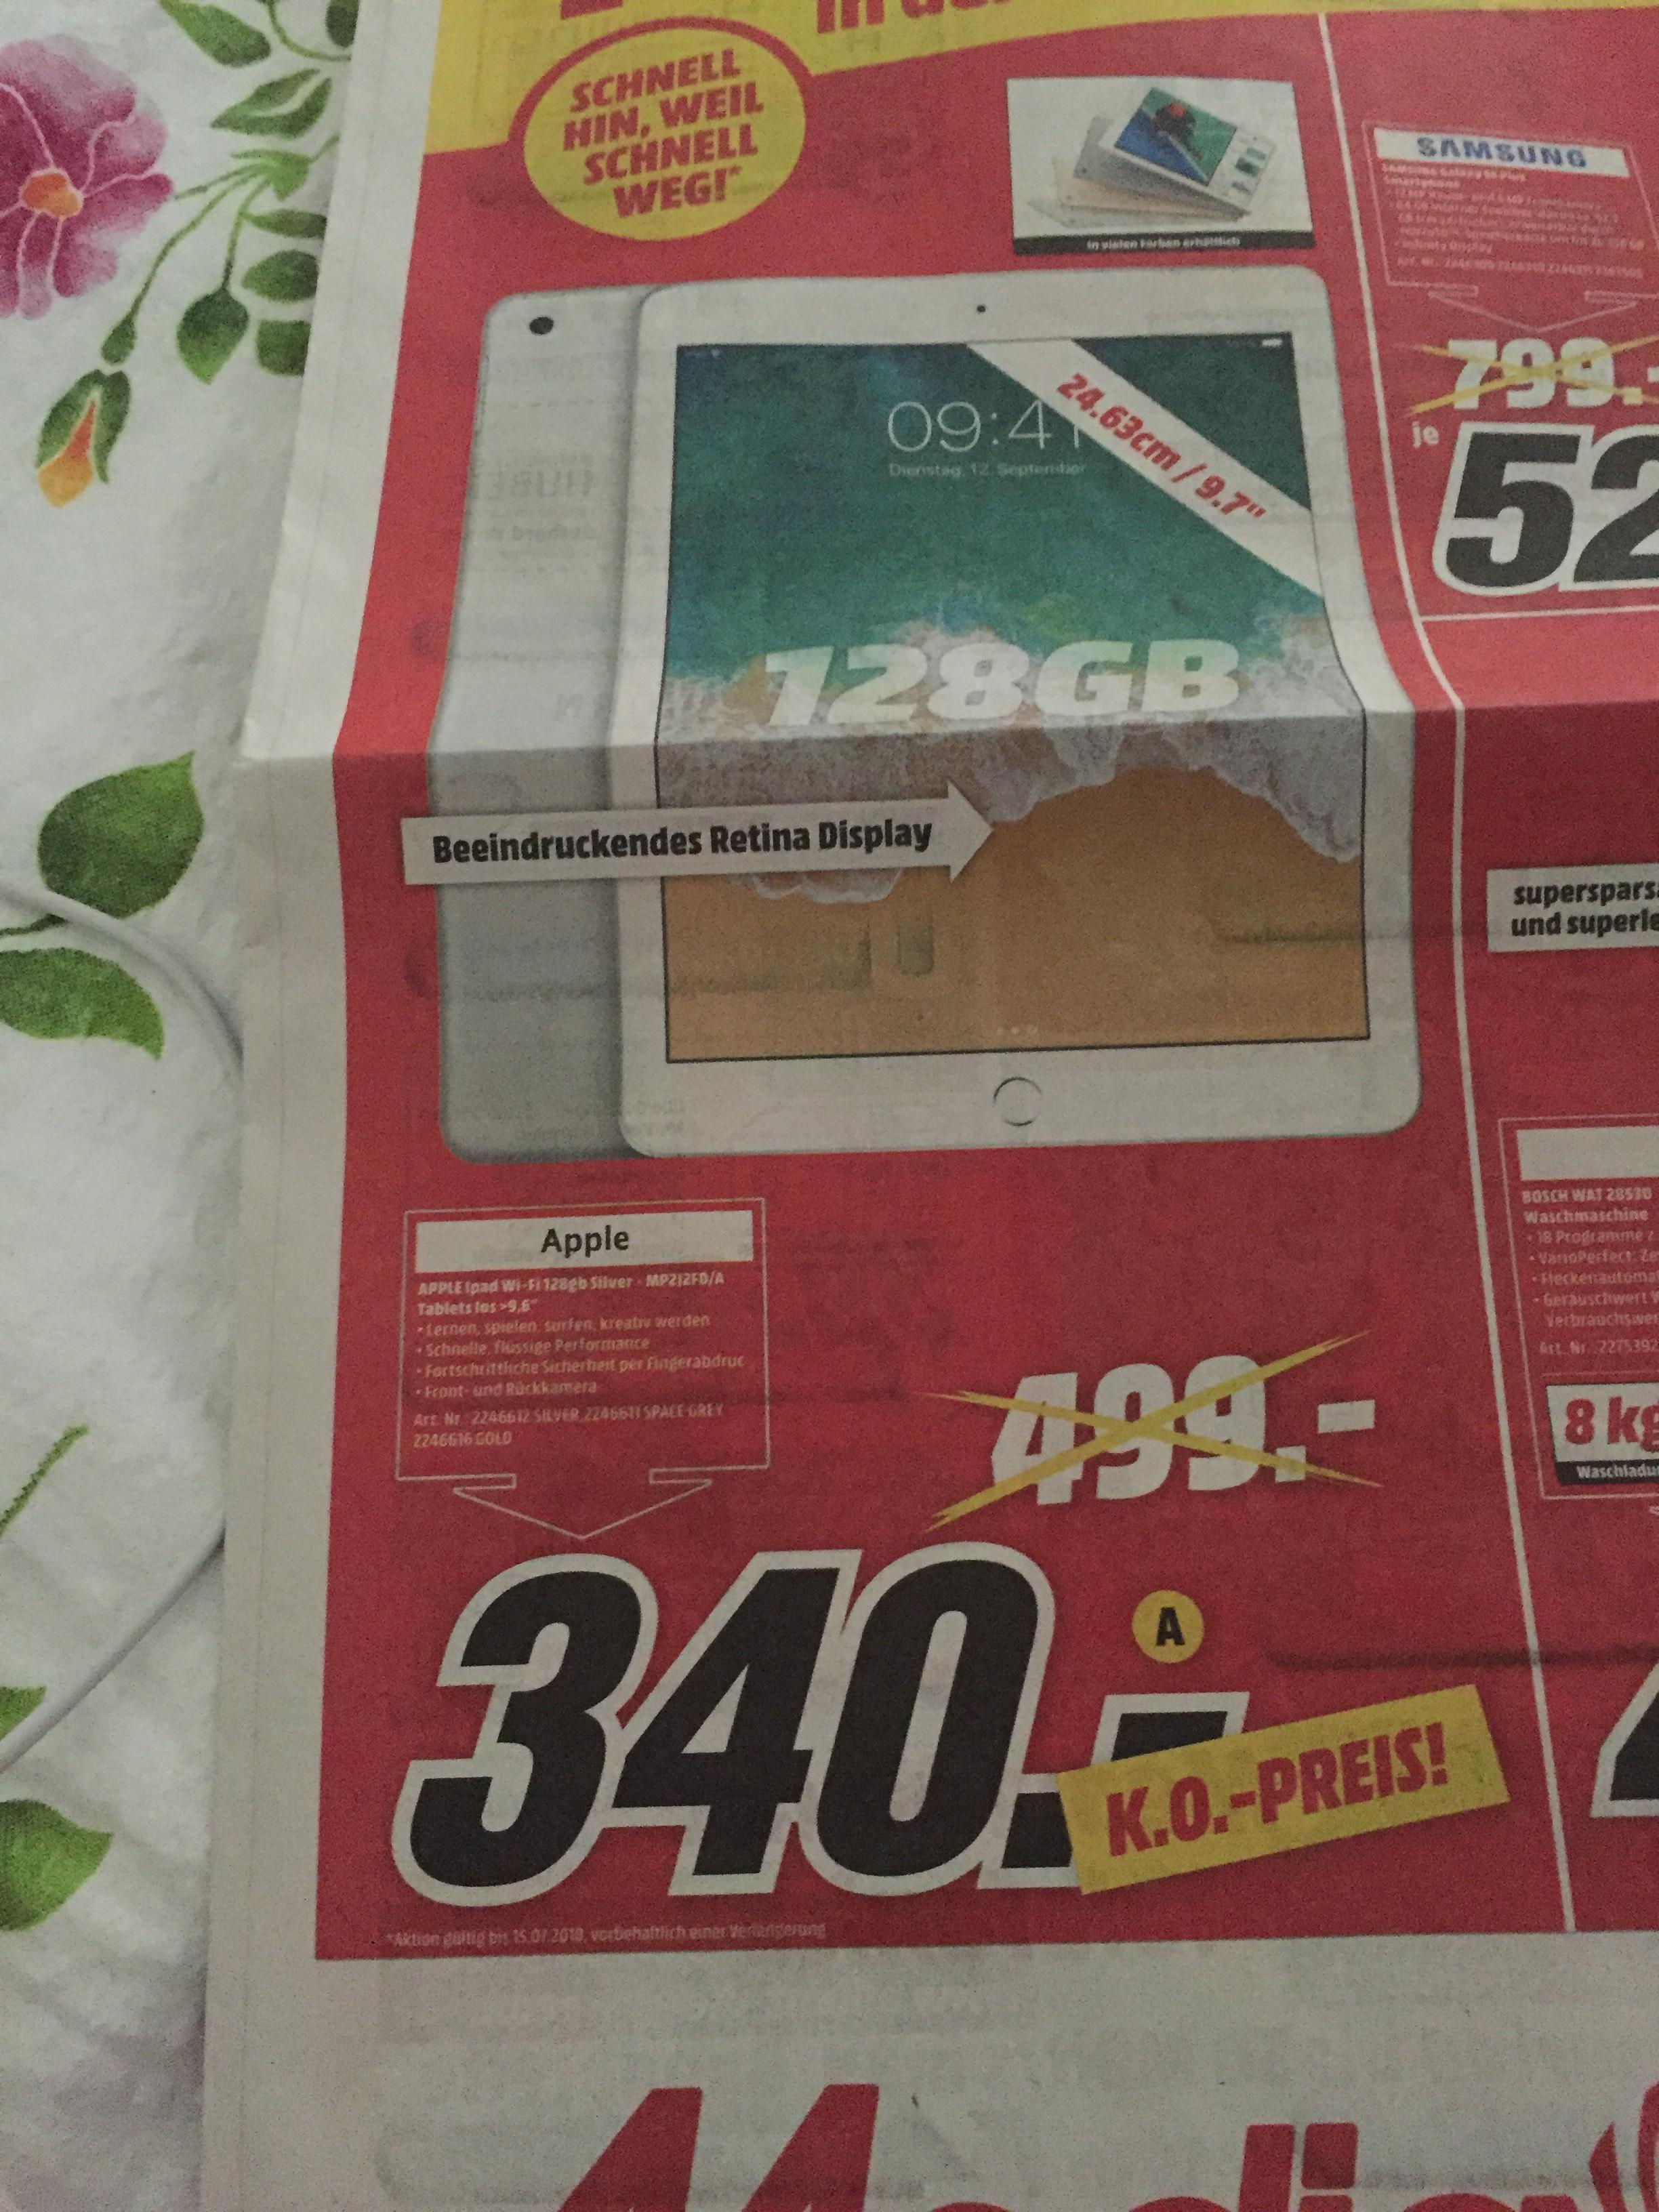 Apple IPad Wi-Fi 128 GB in Silber für 340€ (Lokal Mannheim, Viernheim, Weinheim)